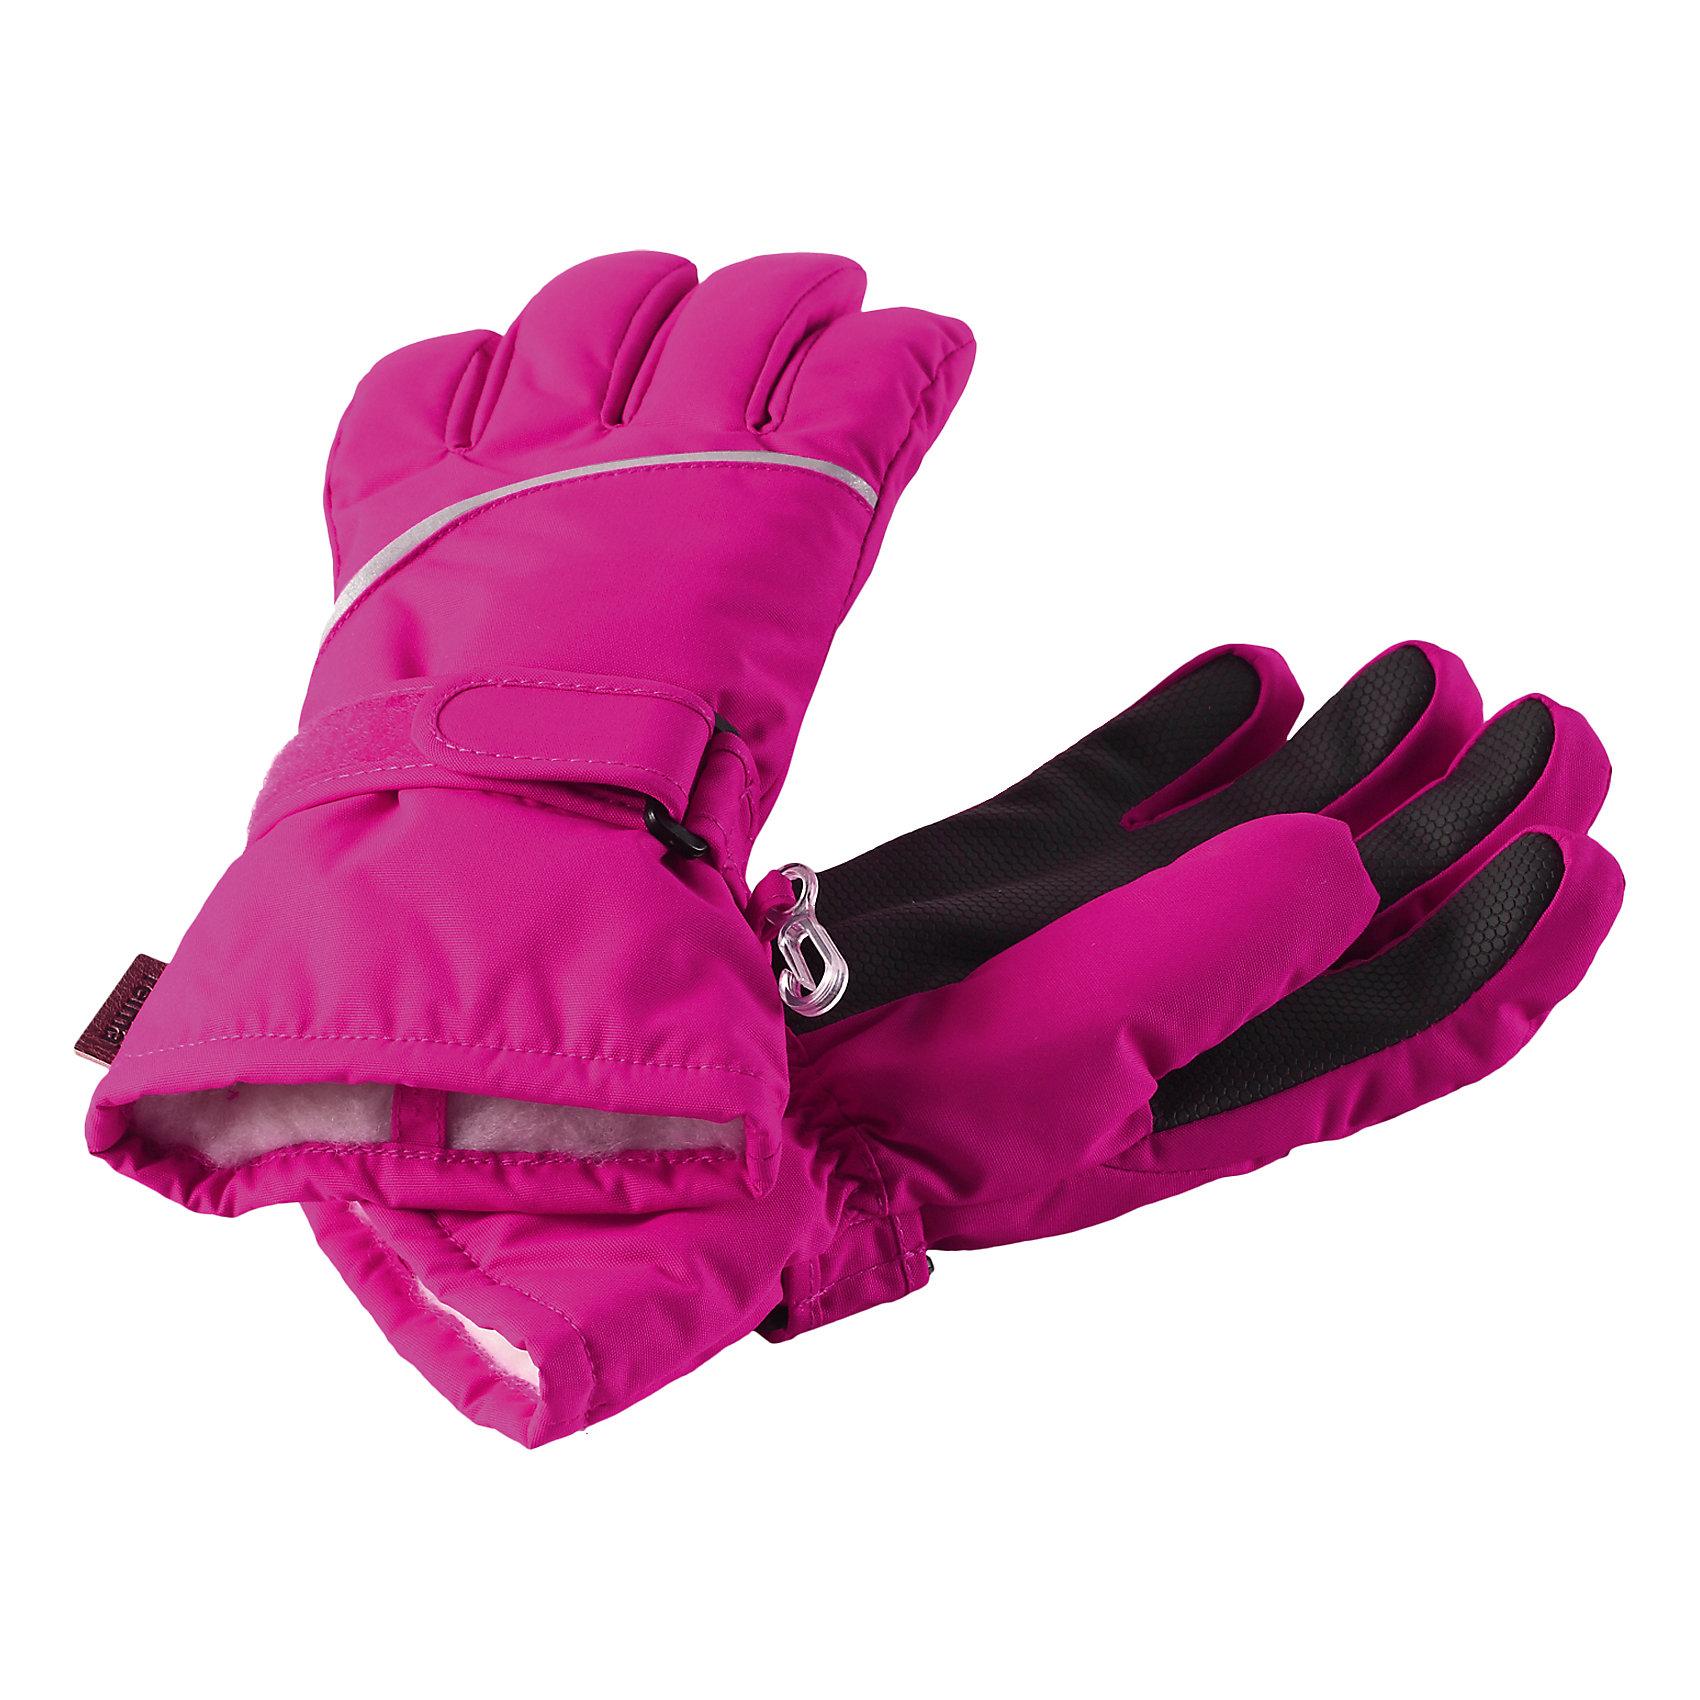 Перчатки Harald для девочки ReimaПерчатки  Reima<br>Зимние перчатки для детей. Водонепроницаемый материал, вставки отсутствуют — товар не является водонепроницаемым. Водо- и ветронепроницаемый и грязеотталкивающий материал. Накладки на ладонях, кончиках пальцев и больших пальцах. Теплая ворсистая подкладка из ткани из смеси шерсти. Средняя степень утепления. Простая застежка на липучке. Логотип Reima® сбоку. Светоотражающие полосы.<br>Утеплитель: Reima® Comfortinsulation,80 g<br>Уход:<br>Стирать по отдельности. Стирать моющим средством, не содержащим отбеливающие вещества. Полоскать без специального средства. Сушить при низкой температуре. <br>Состав:<br>100% Полиамид, полиуретановое покрытие<br><br>Ширина мм: 162<br>Глубина мм: 171<br>Высота мм: 55<br>Вес г: 119<br>Цвет: розовый<br>Возраст от месяцев: 96<br>Возраст до месяцев: 120<br>Пол: Женский<br>Возраст: Детский<br>Размер: 6,7,8,3,4,5<br>SKU: 4779792